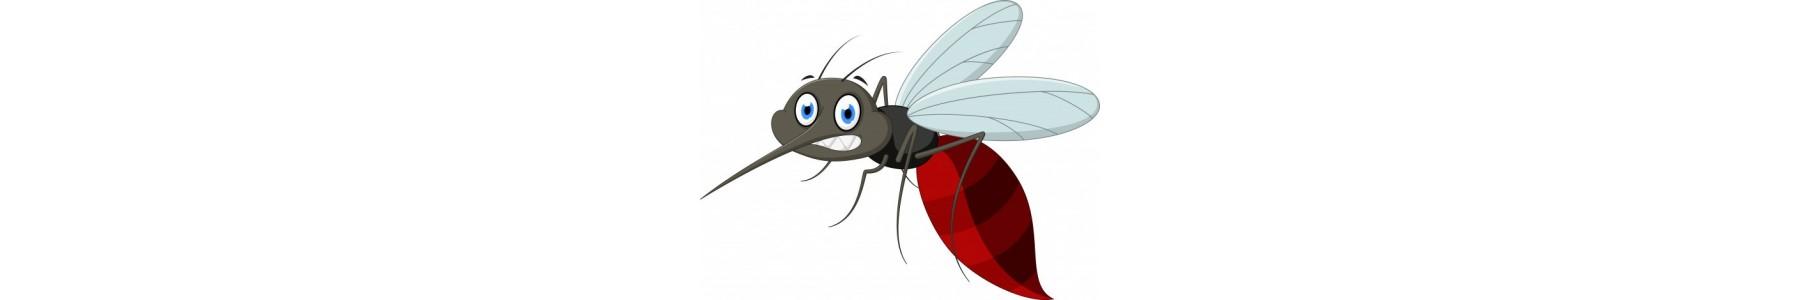 Preparaty na komary